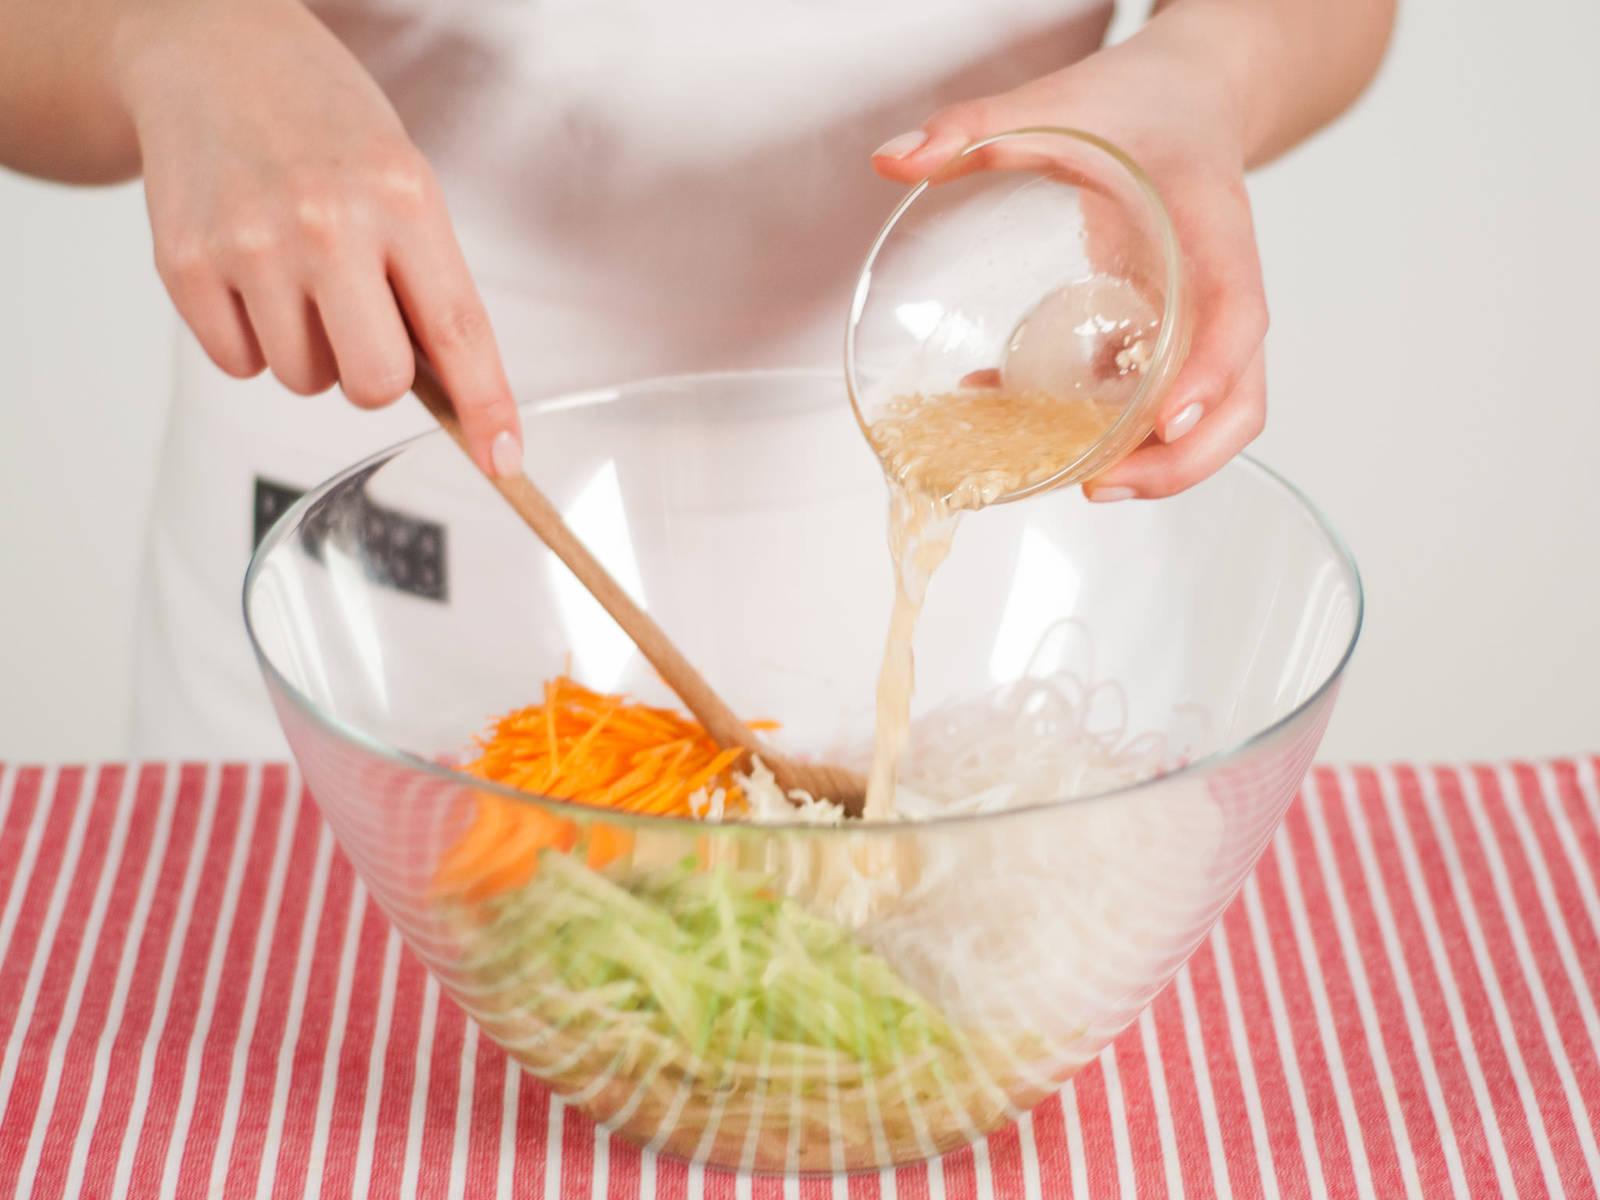 在大碗中加入切好的黄瓜,白菜,胡萝卜丝与粉丝。加入调味汁搅拌均匀。